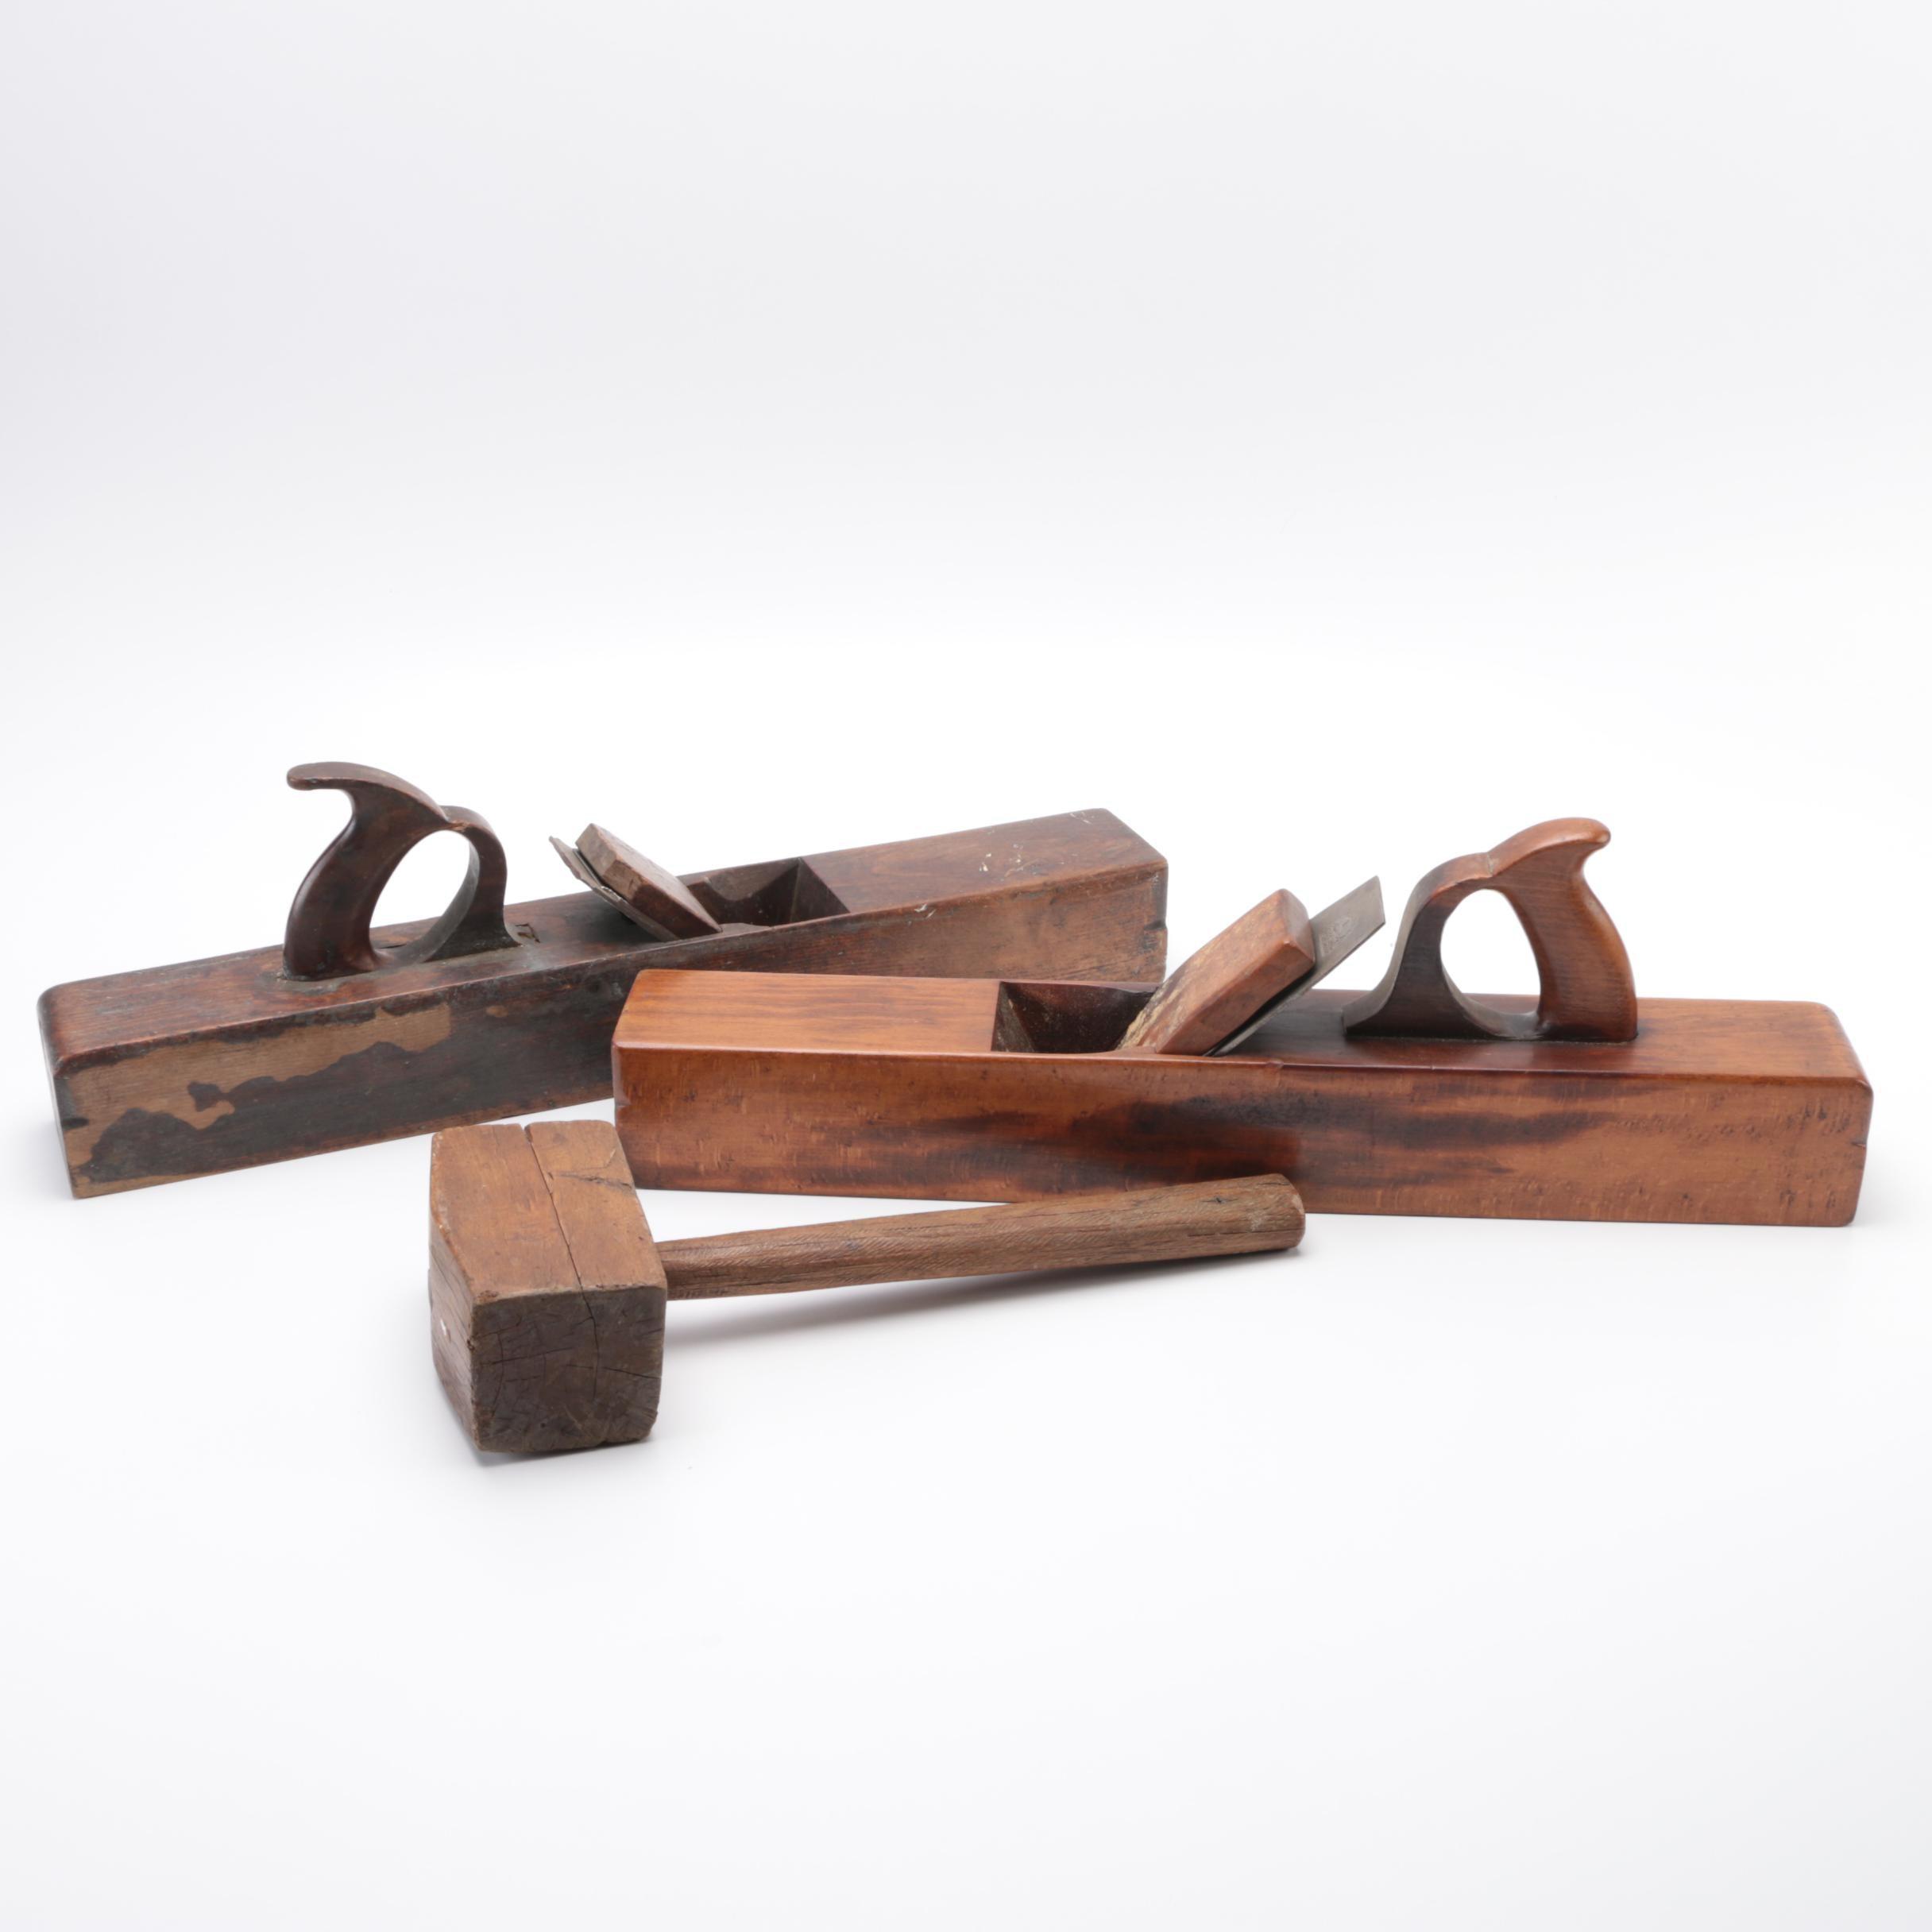 Antique Wooden Carpenter's Planes